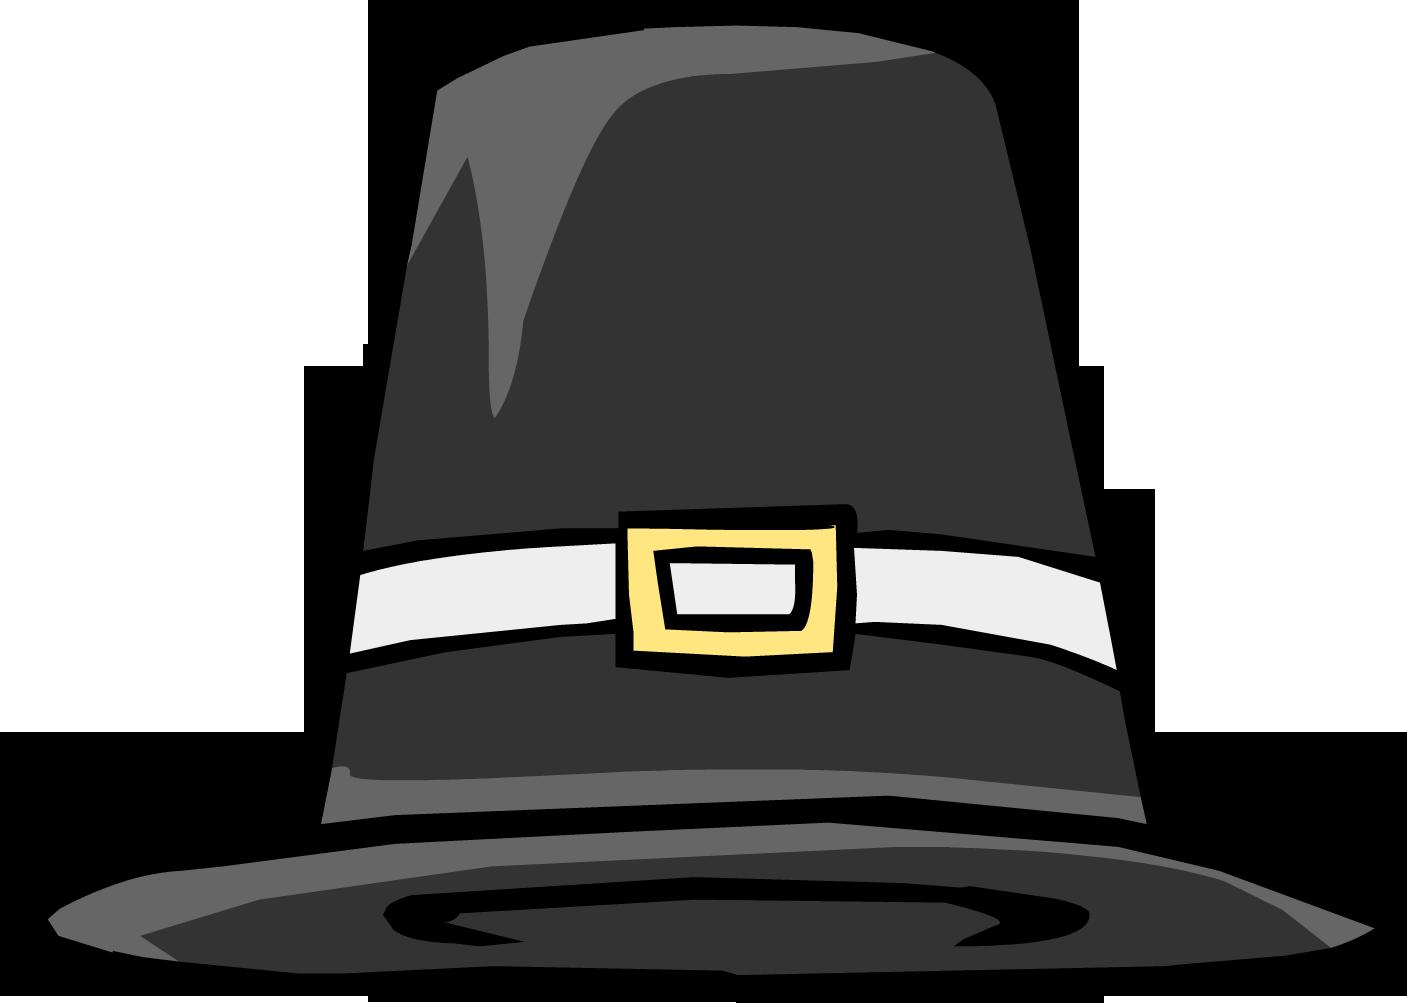 pilgrim hat clipart free - photo #25